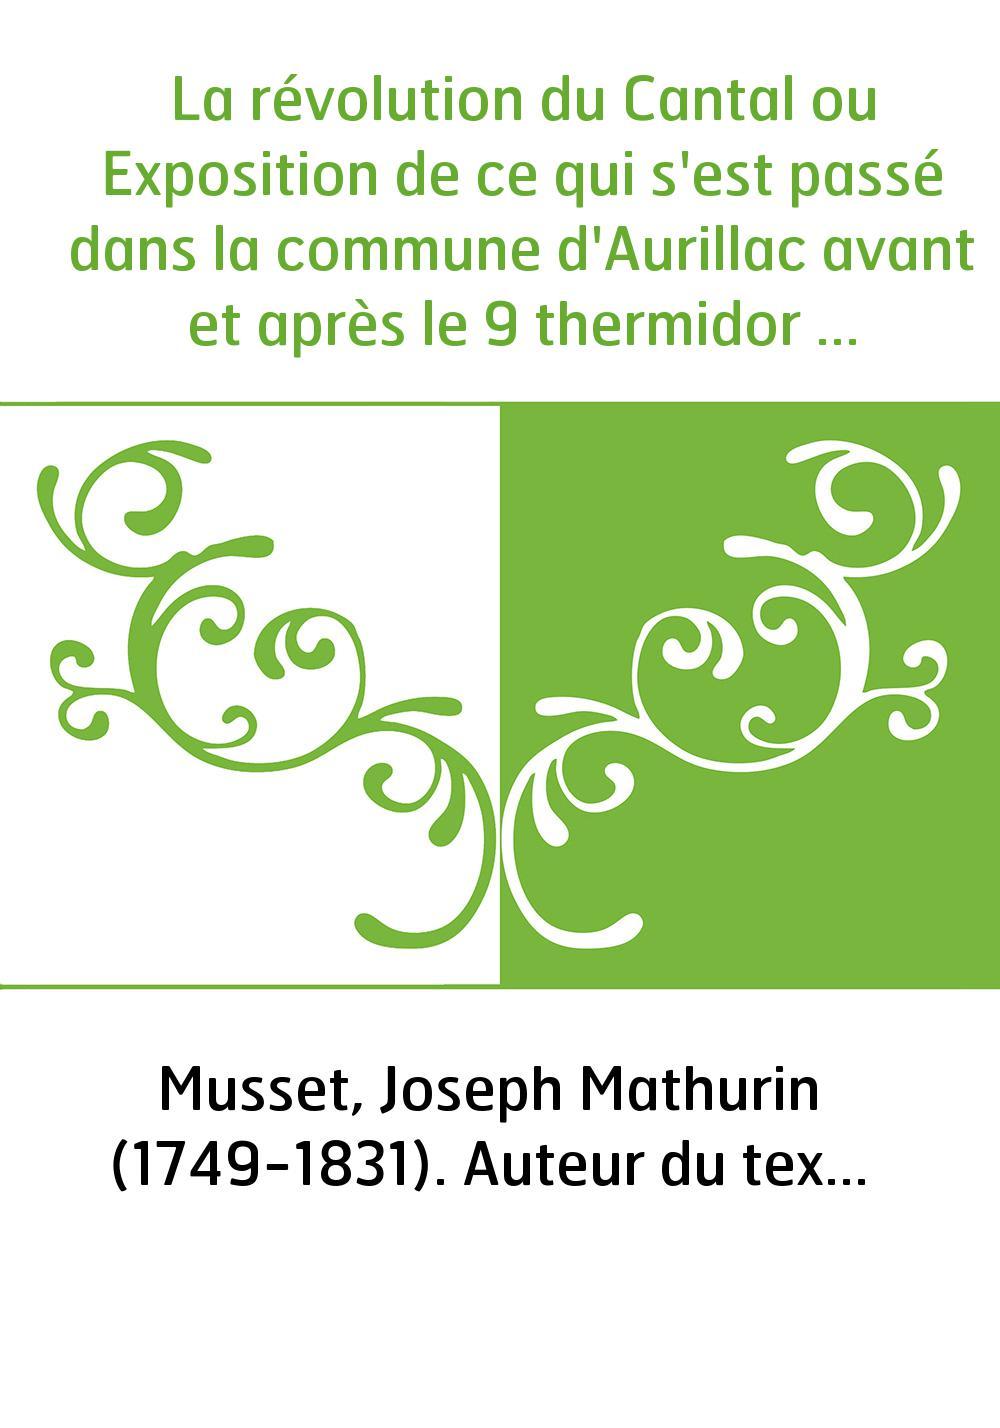 La révolution du Cantal ou Exposition de ce qui s'est passé dans la commune d'Aurillac avant et après le 9 thermidor / rédigée p